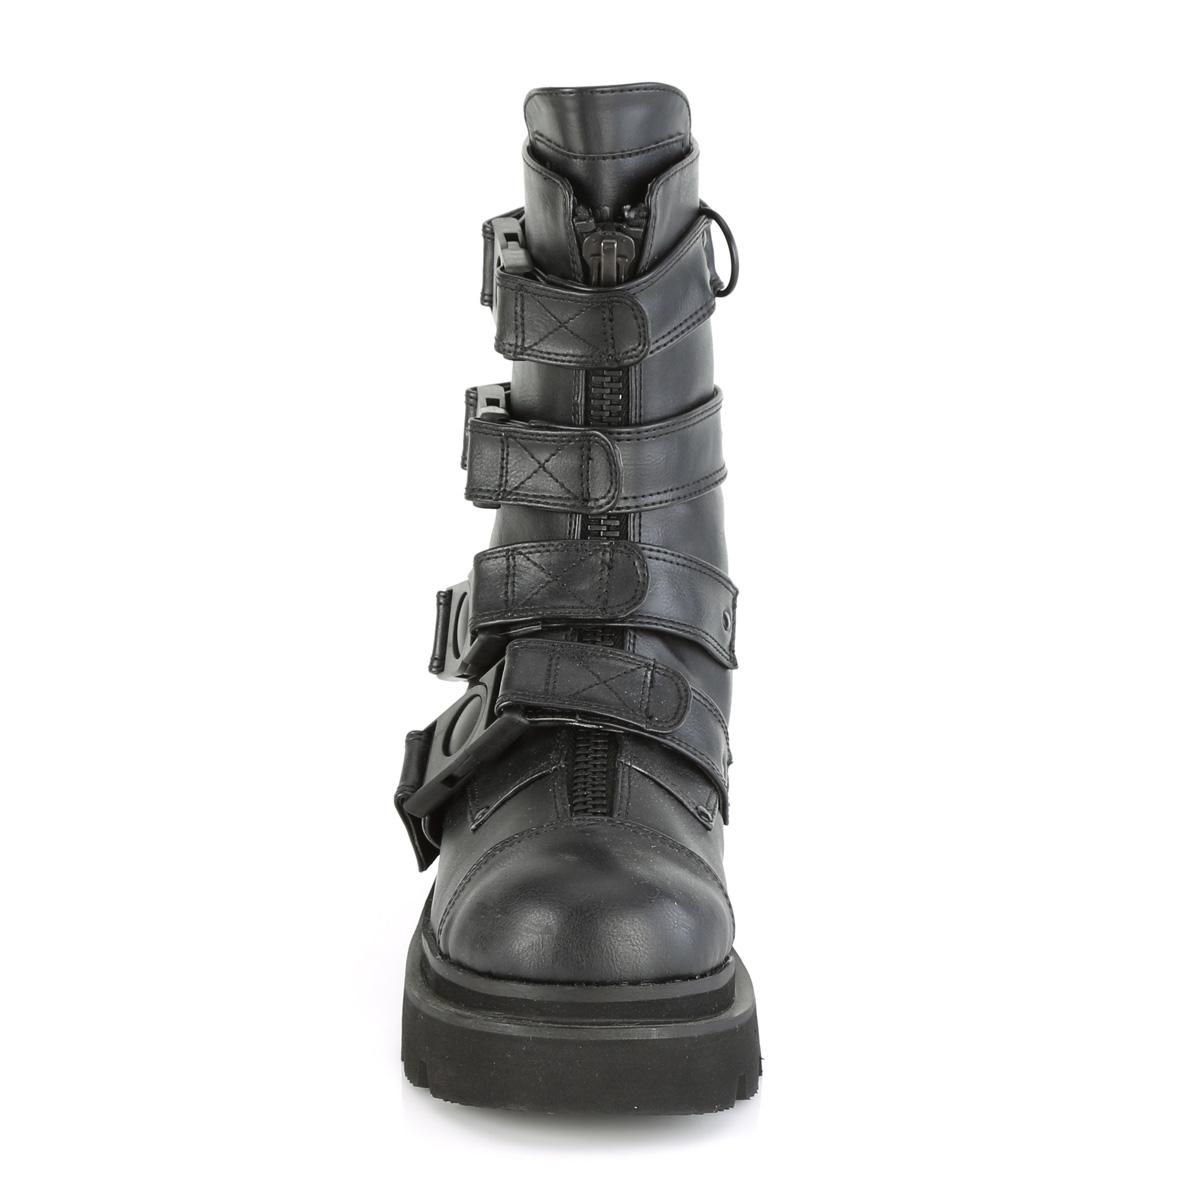 Demonia(デモニア) RENEGADE-55 クイックリリースバックルストラップブーツ ミドルブーツ つや消し黒◆取り寄せ